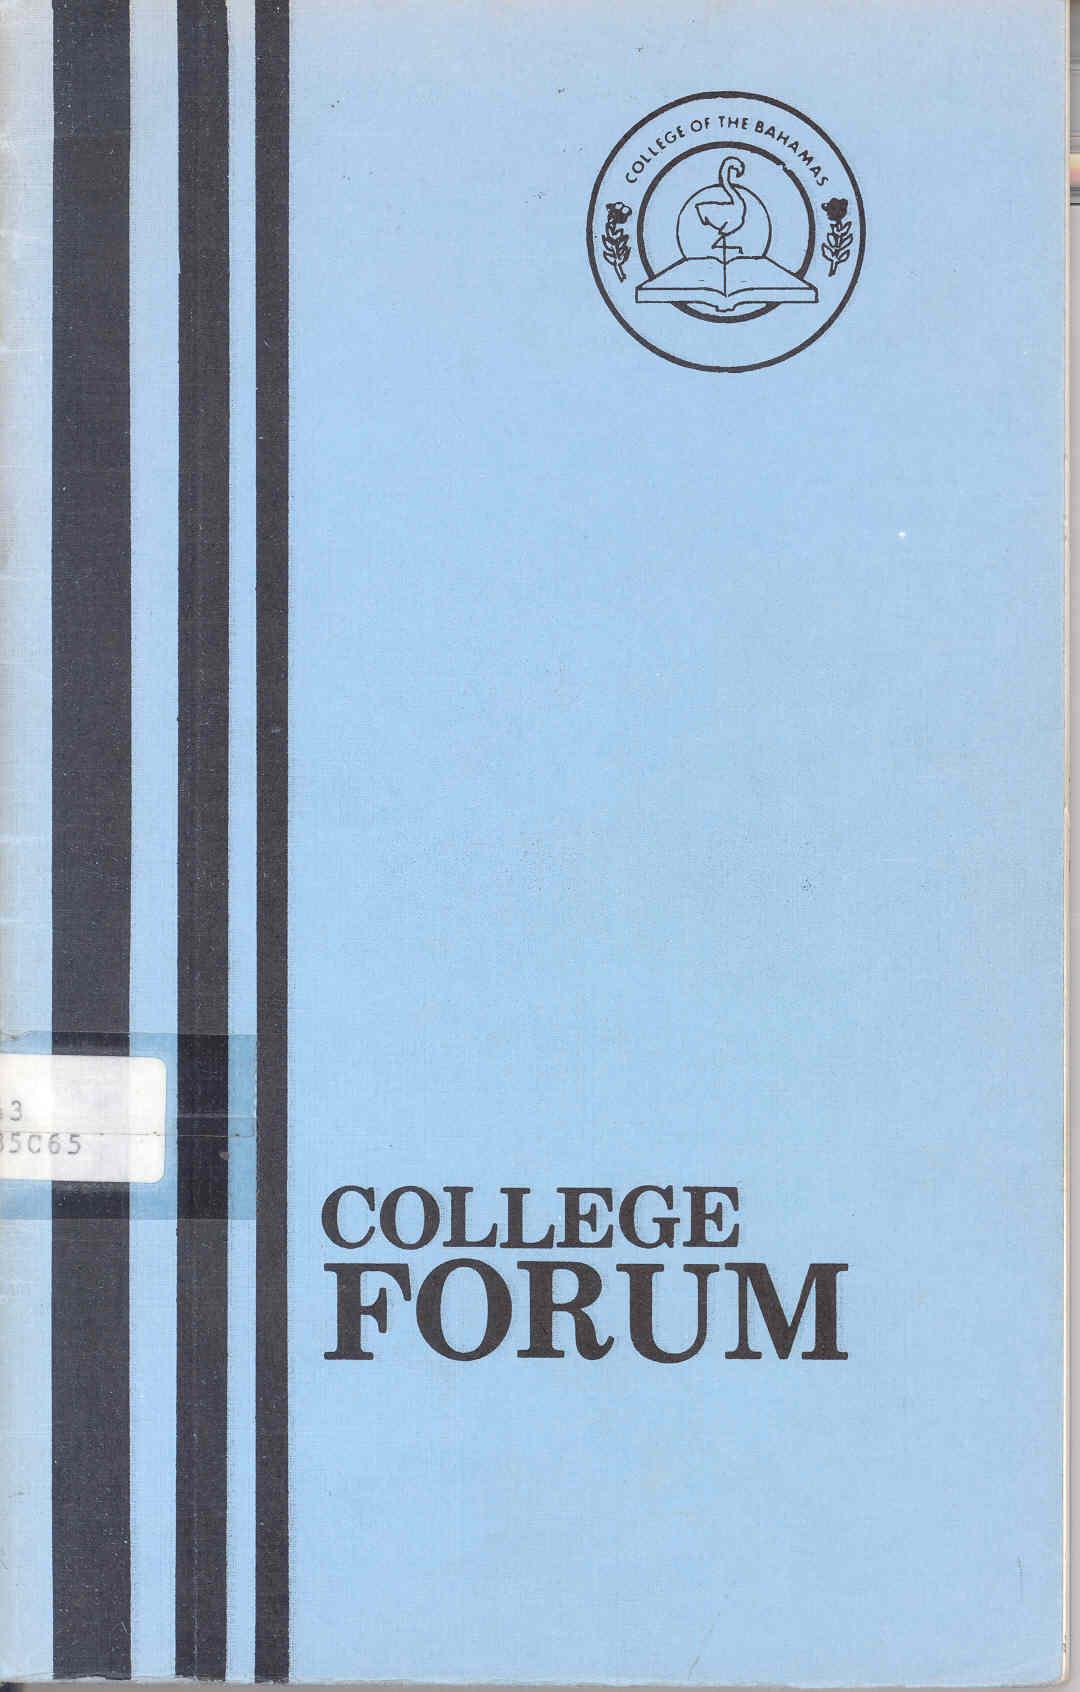 College Forum